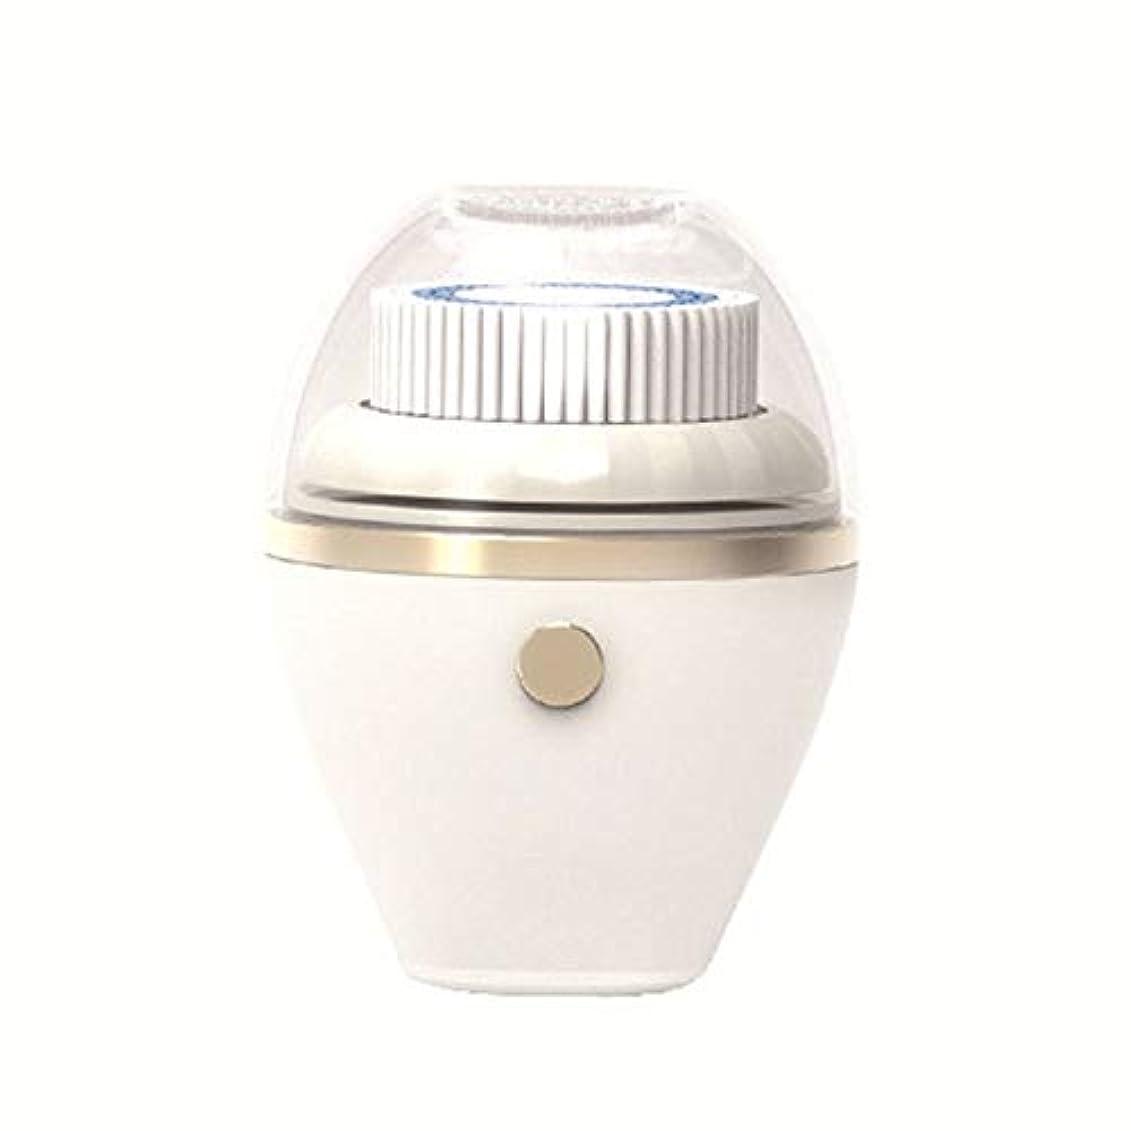 説教する湖天洗顔ブラシ 振動洗顔ブラシ - フェイスクリーニングエクスフォリエイティングそしてマッサージの充電防水ワイヤレスで3つのブラシヘッド (色 : 白, サイズ : 11.7*9.55*6.2CM)